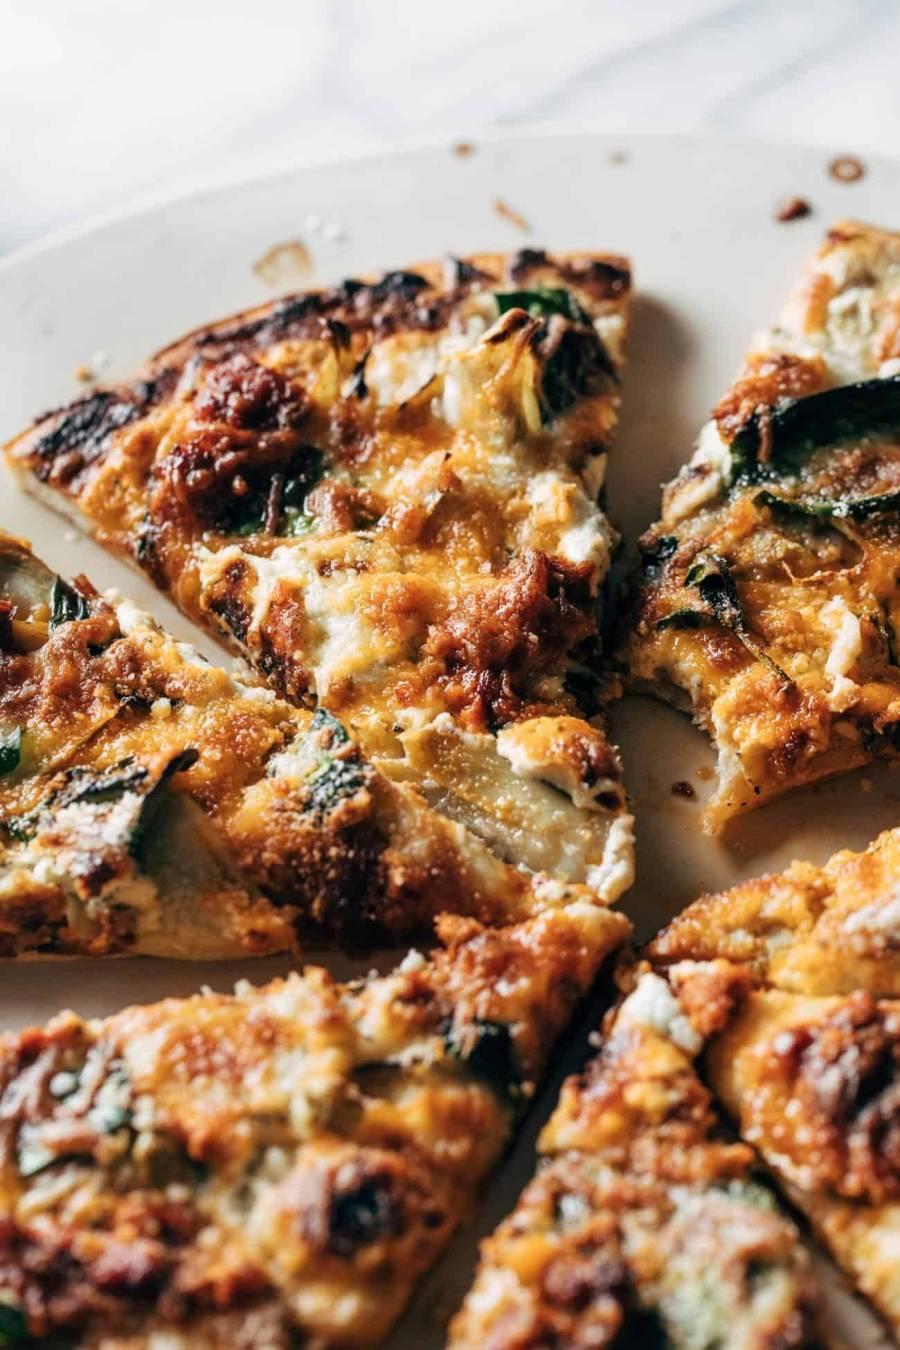 Spinach and artichoke pizza slices